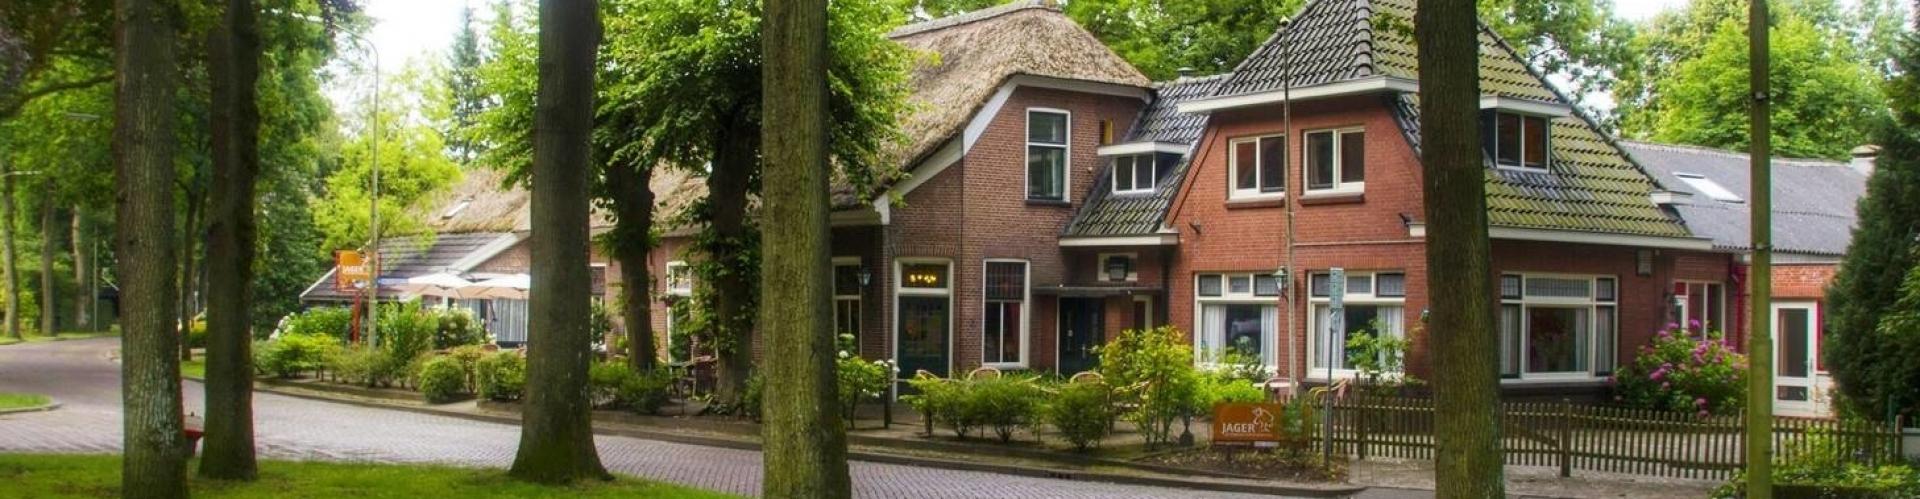 Grote groepsaccommodatie Sleen Drenthe